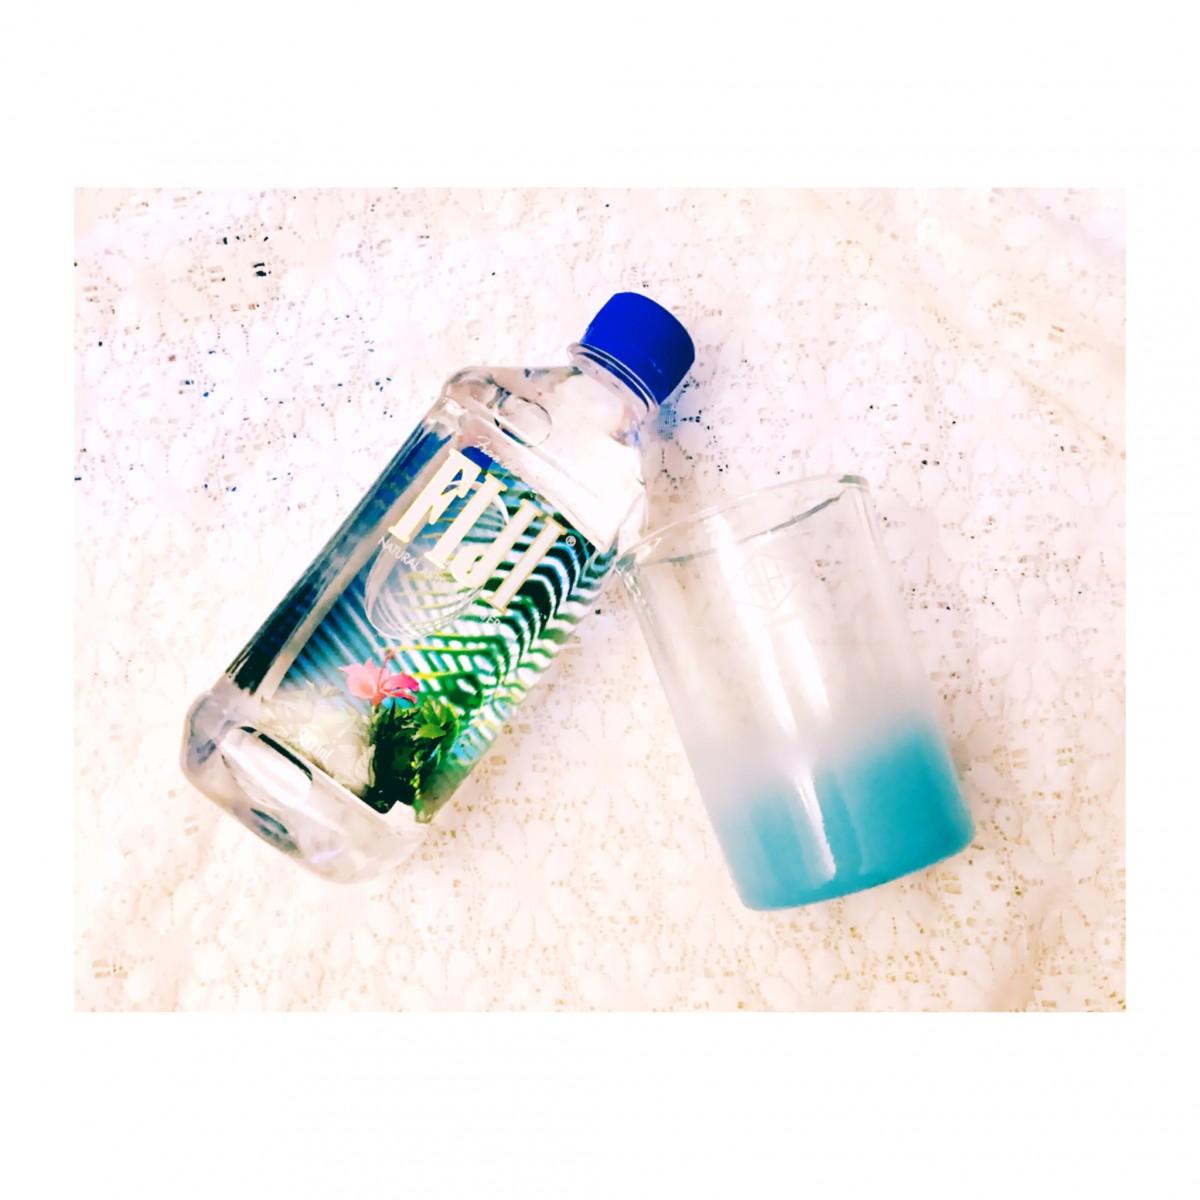 【注目の分子美容】ケイ素のお水で熱中症対策&アンチエイジング対策!体内の60%は水分!お水の取り方が大切です。